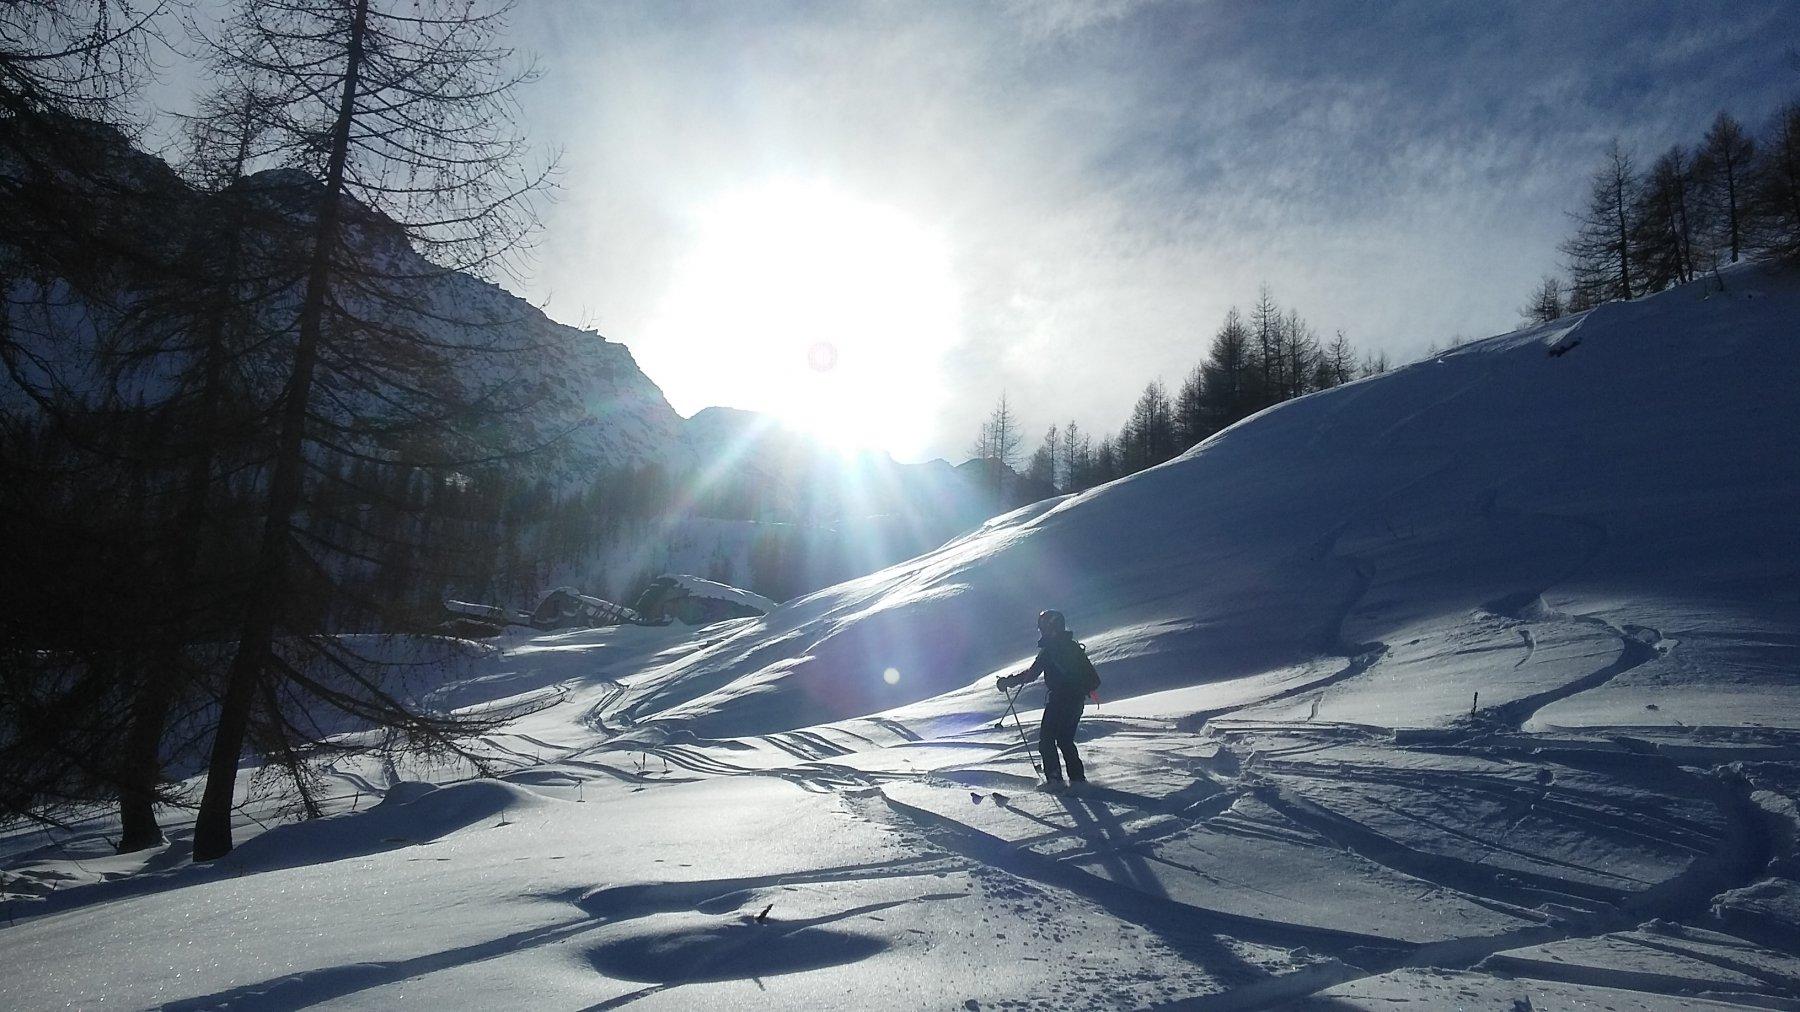 Bella neve anche in basso...